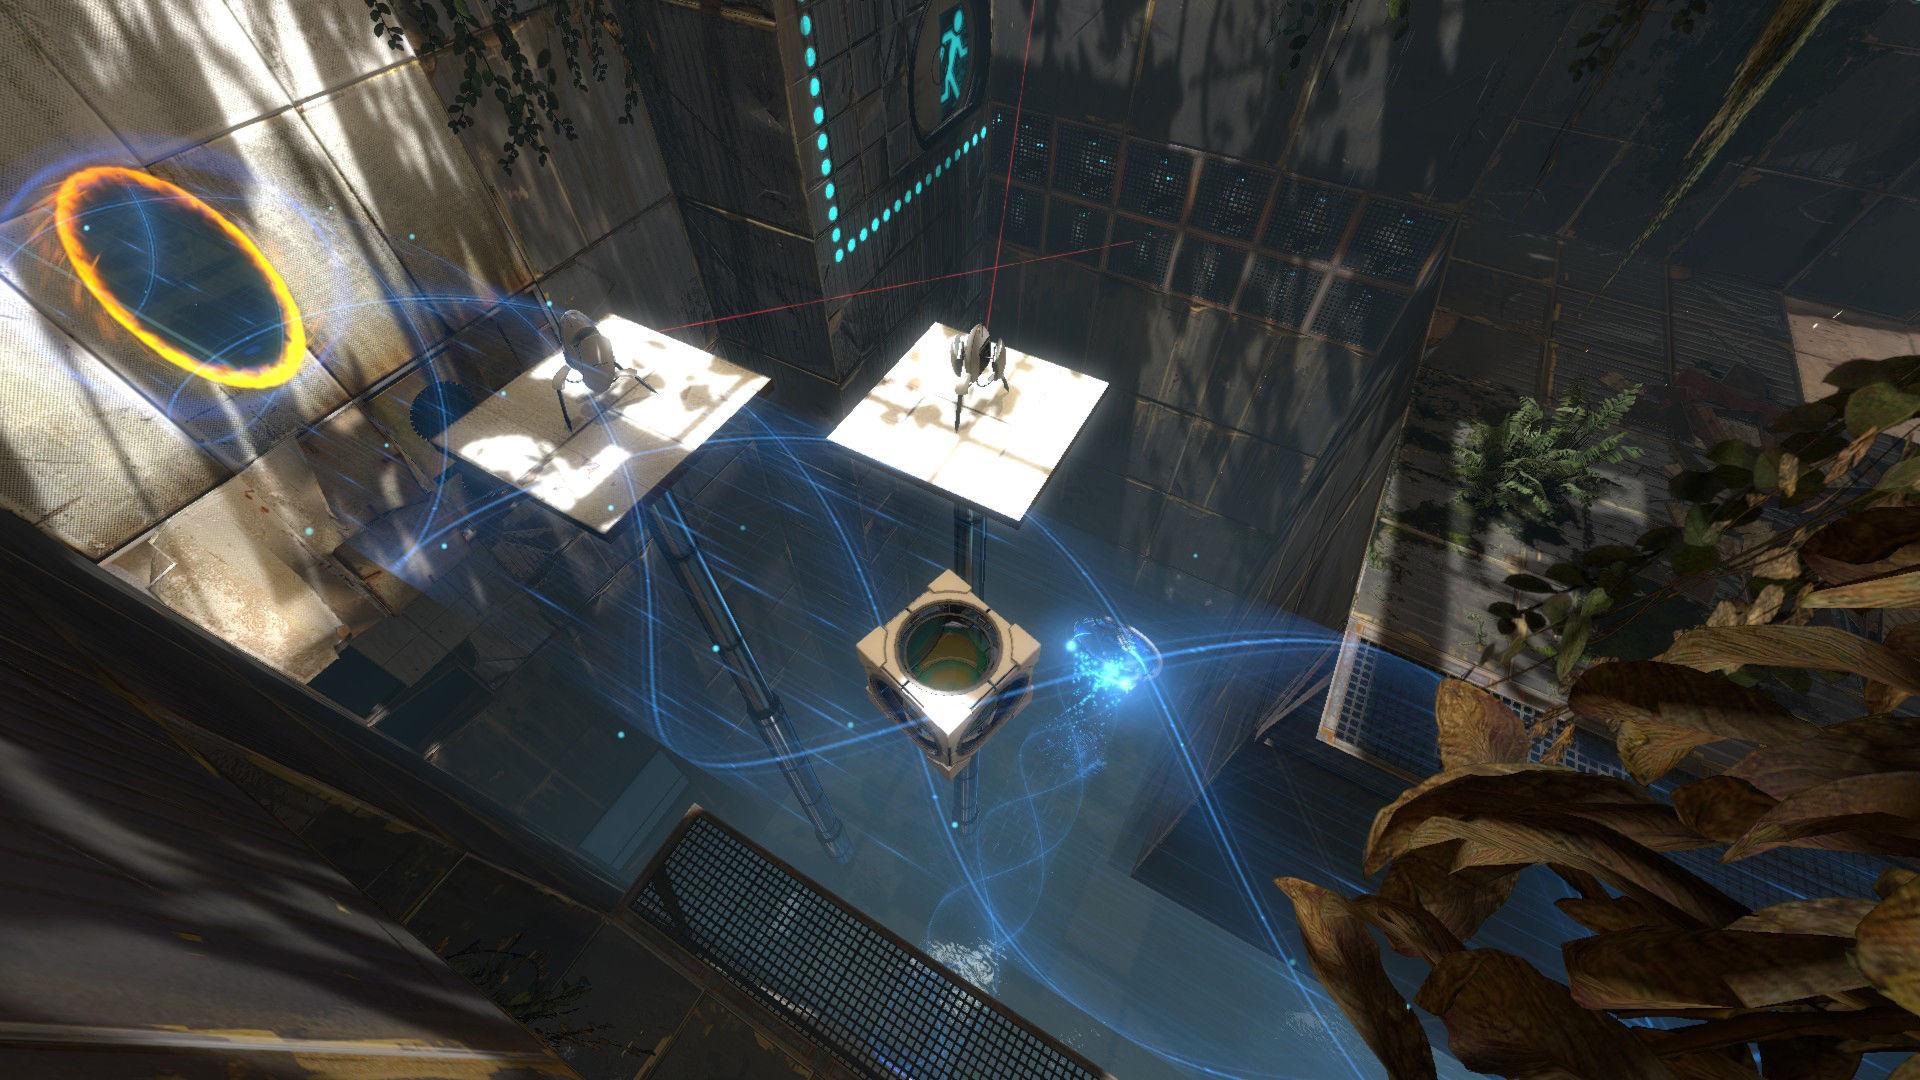 Szene aus Portal 2 mit einer erfrischenden Spielidee: Mit der Portal Gun können auf bestimmten ebenen Flächen wie Wänden und Decke zwei Portale erzeugt werden, die in der Art miteinander in Verbindung stehen, dass ein in das eine Portal eintretender Gegenstand oder der Spieler selbst augenblicklich aus dem anderen Portal unter Beibehaltung von Geschwindigkeit, Winkel und Orientierung austritt. Klingt kompliziert; ist es auch, da es in vielen Leveln anspruchsvolle Kopfarbeit erfordert. (Bild: Valve)